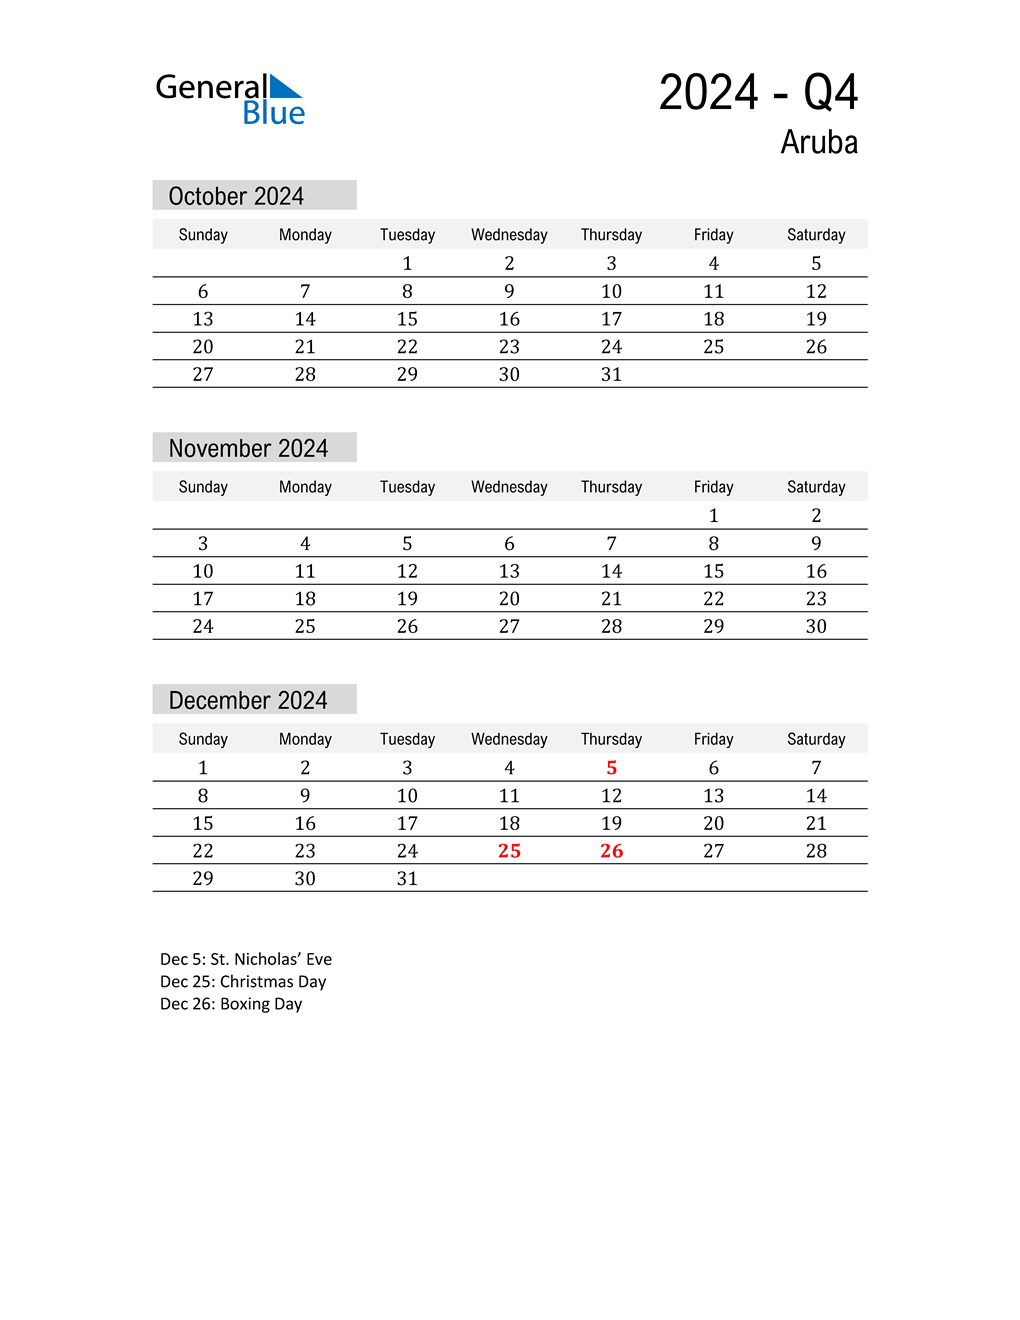 Aruba Quarter 4 2024 Calendar